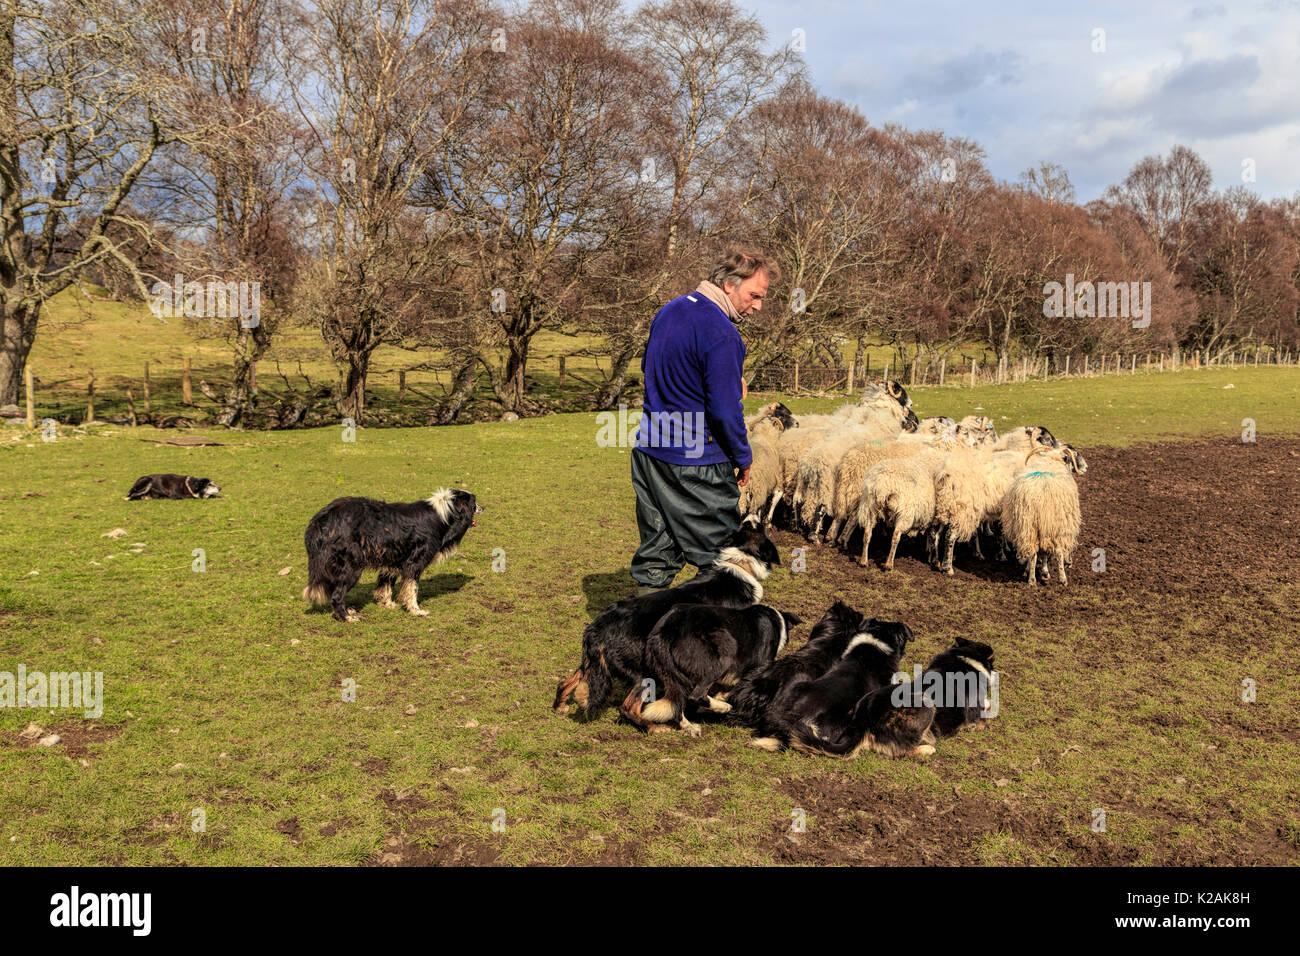 Ganadería ovina dando una demostración con sus perros de trabajo, Border Collie arrear una serie de Scottish Blackface ovejas Kincraig, Escocia, Reino Unido. Foto de stock